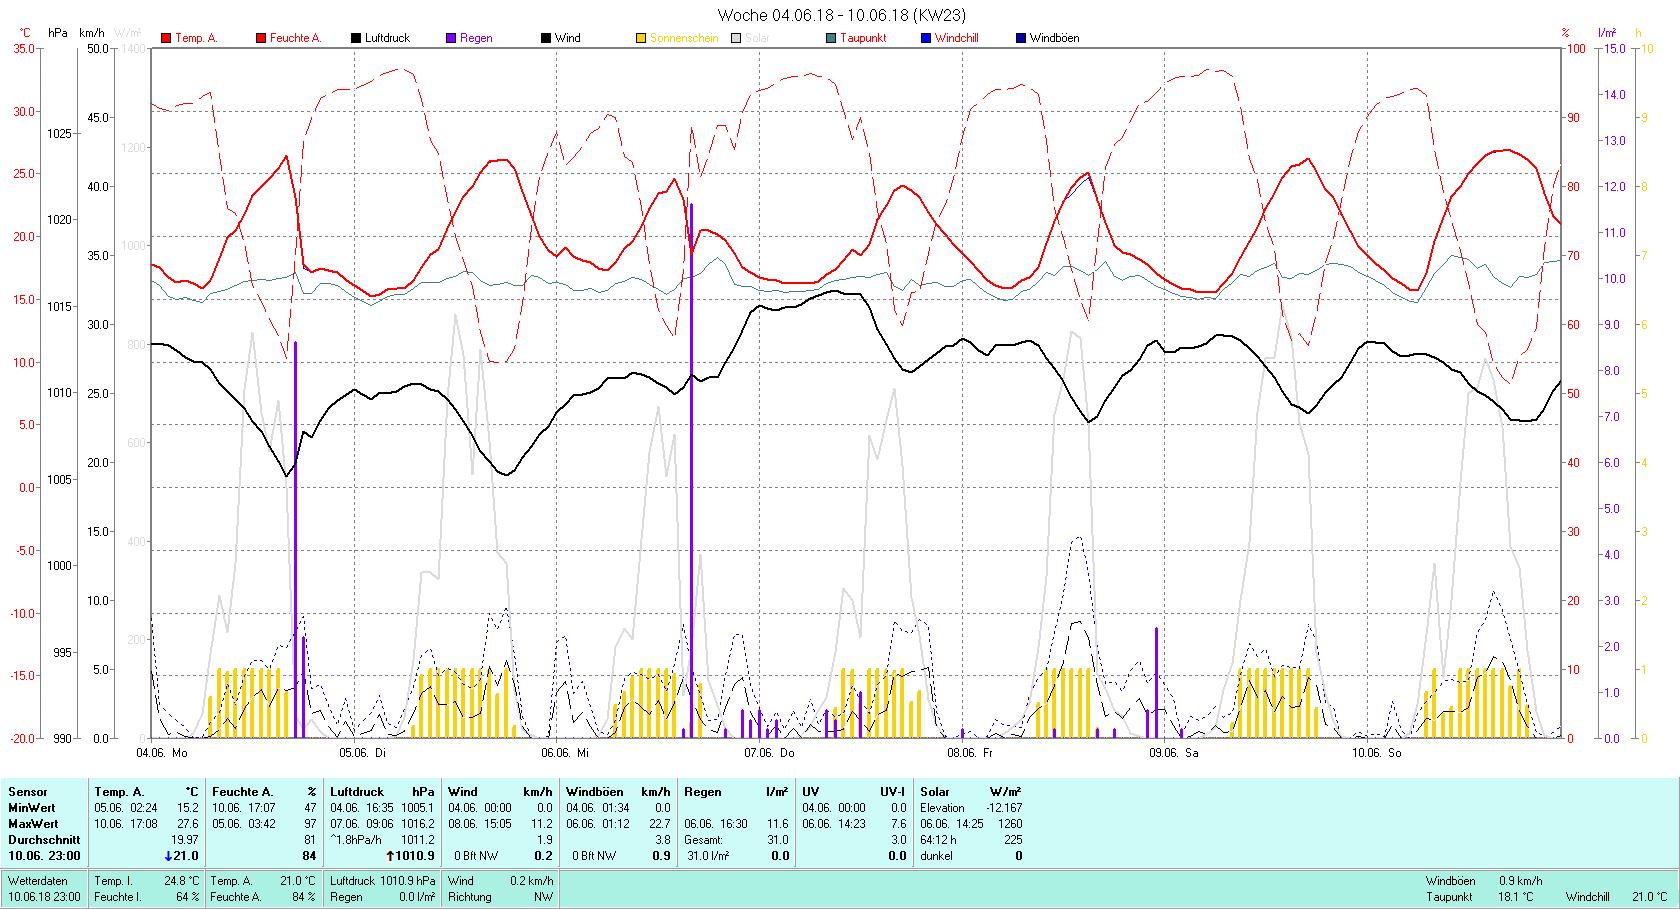 KW 23 Tmin 15.2°C, Tmax 27.6°C, Sonne 64:12 h Niederschlag 31 mm2